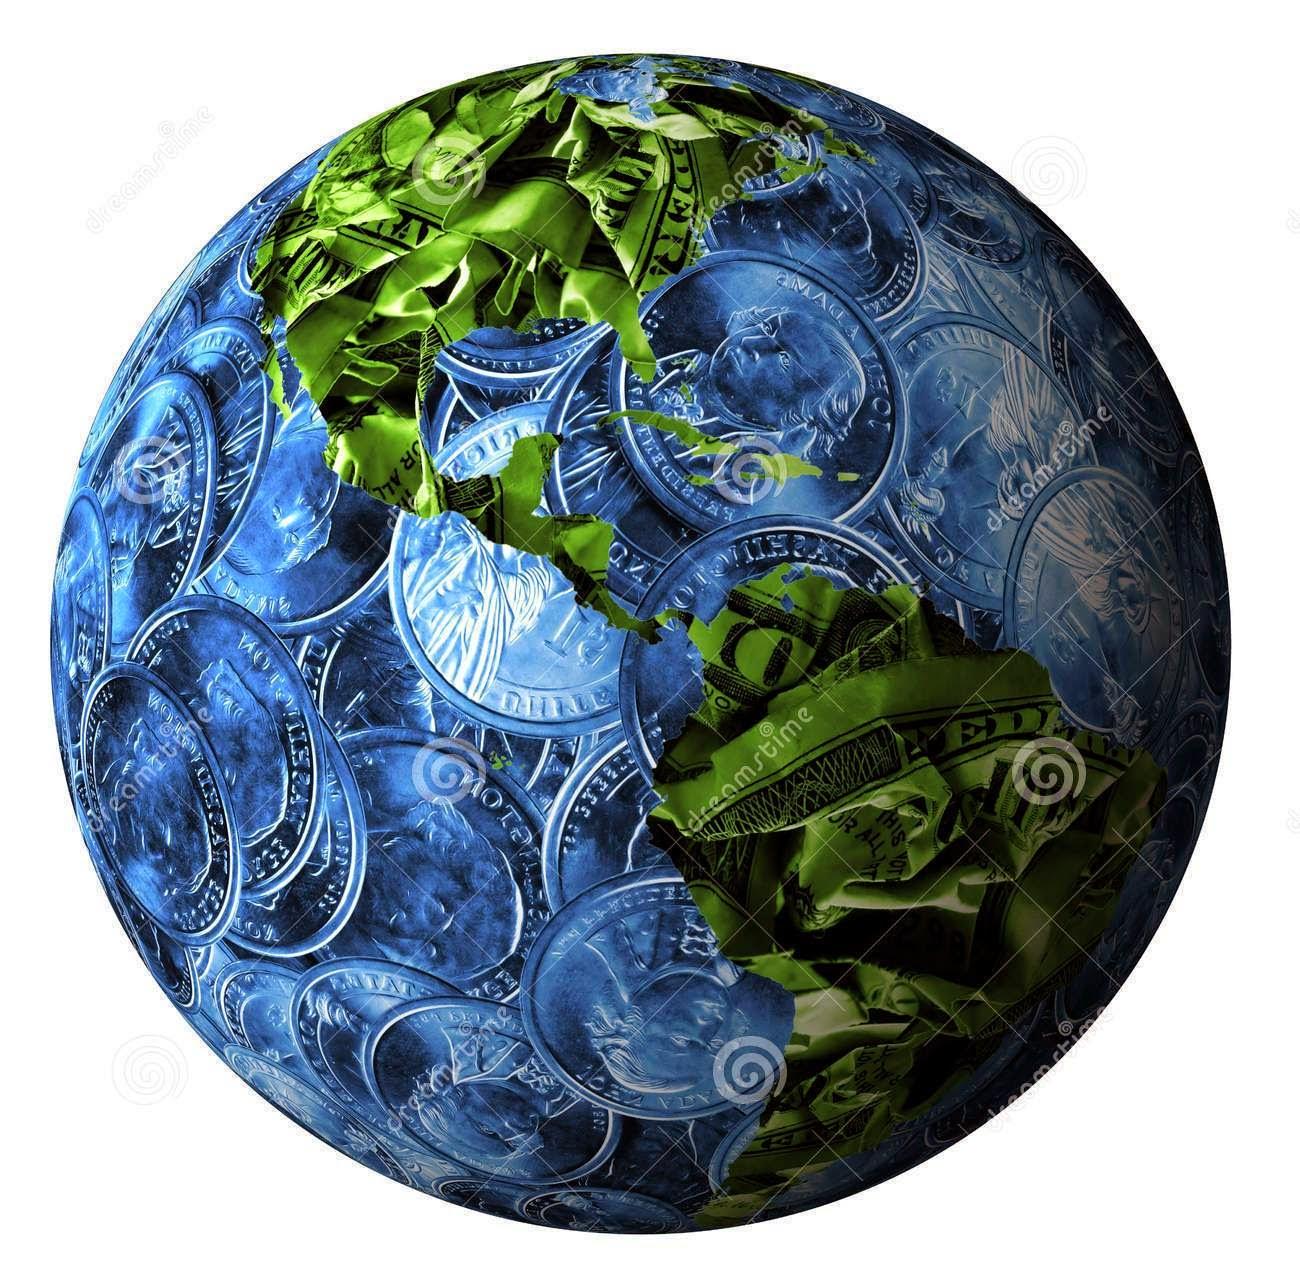 Οι εννέα χώρες που λείπουν από τους Rothschild για την ολοκλήρωση της Παγκόσμιας κυριαρχίας